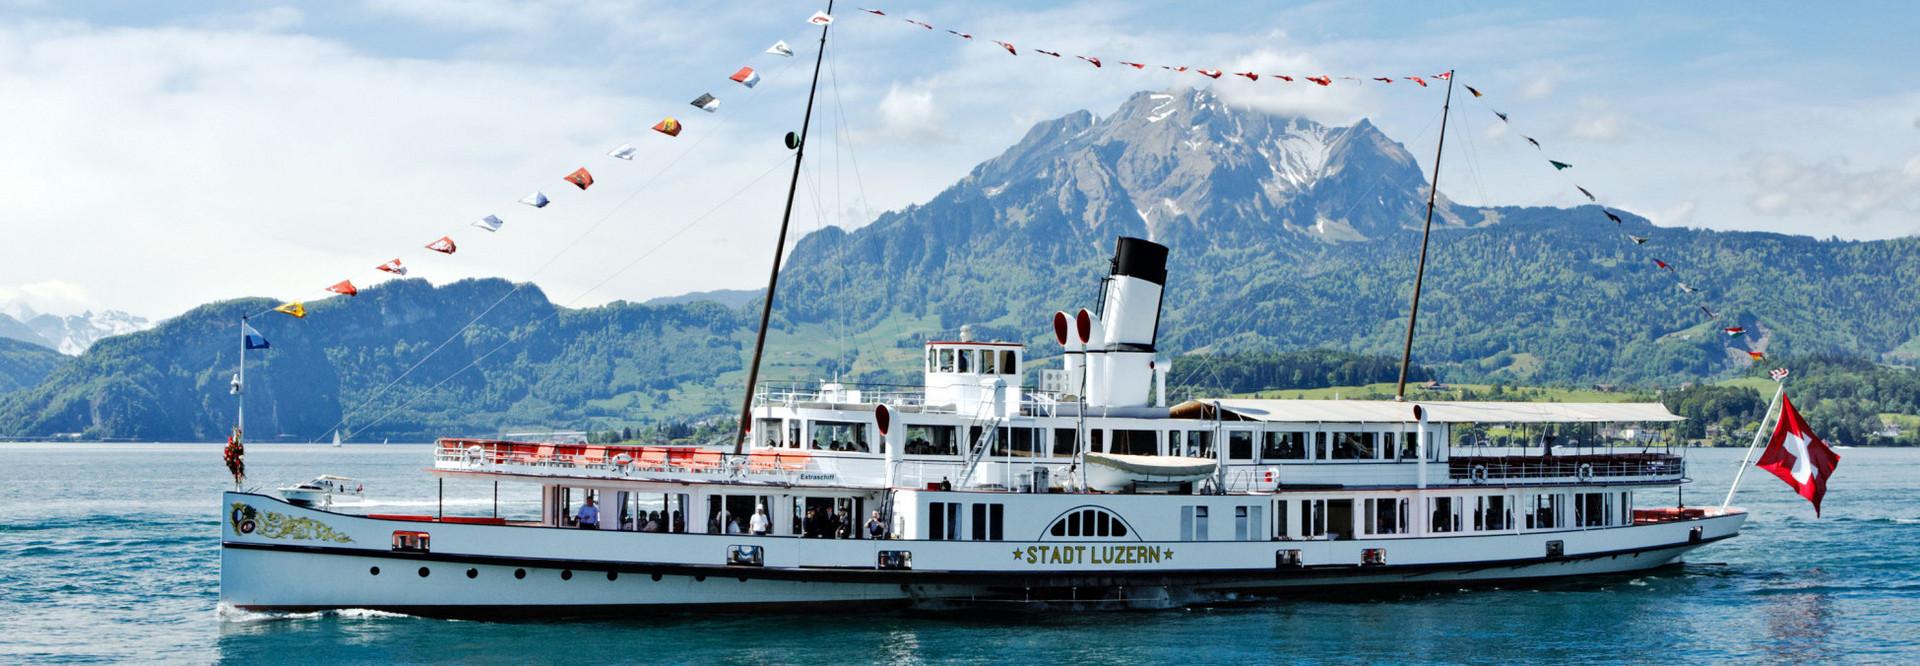 Dampfschiff Stadt Luzern vor dem Pilatus